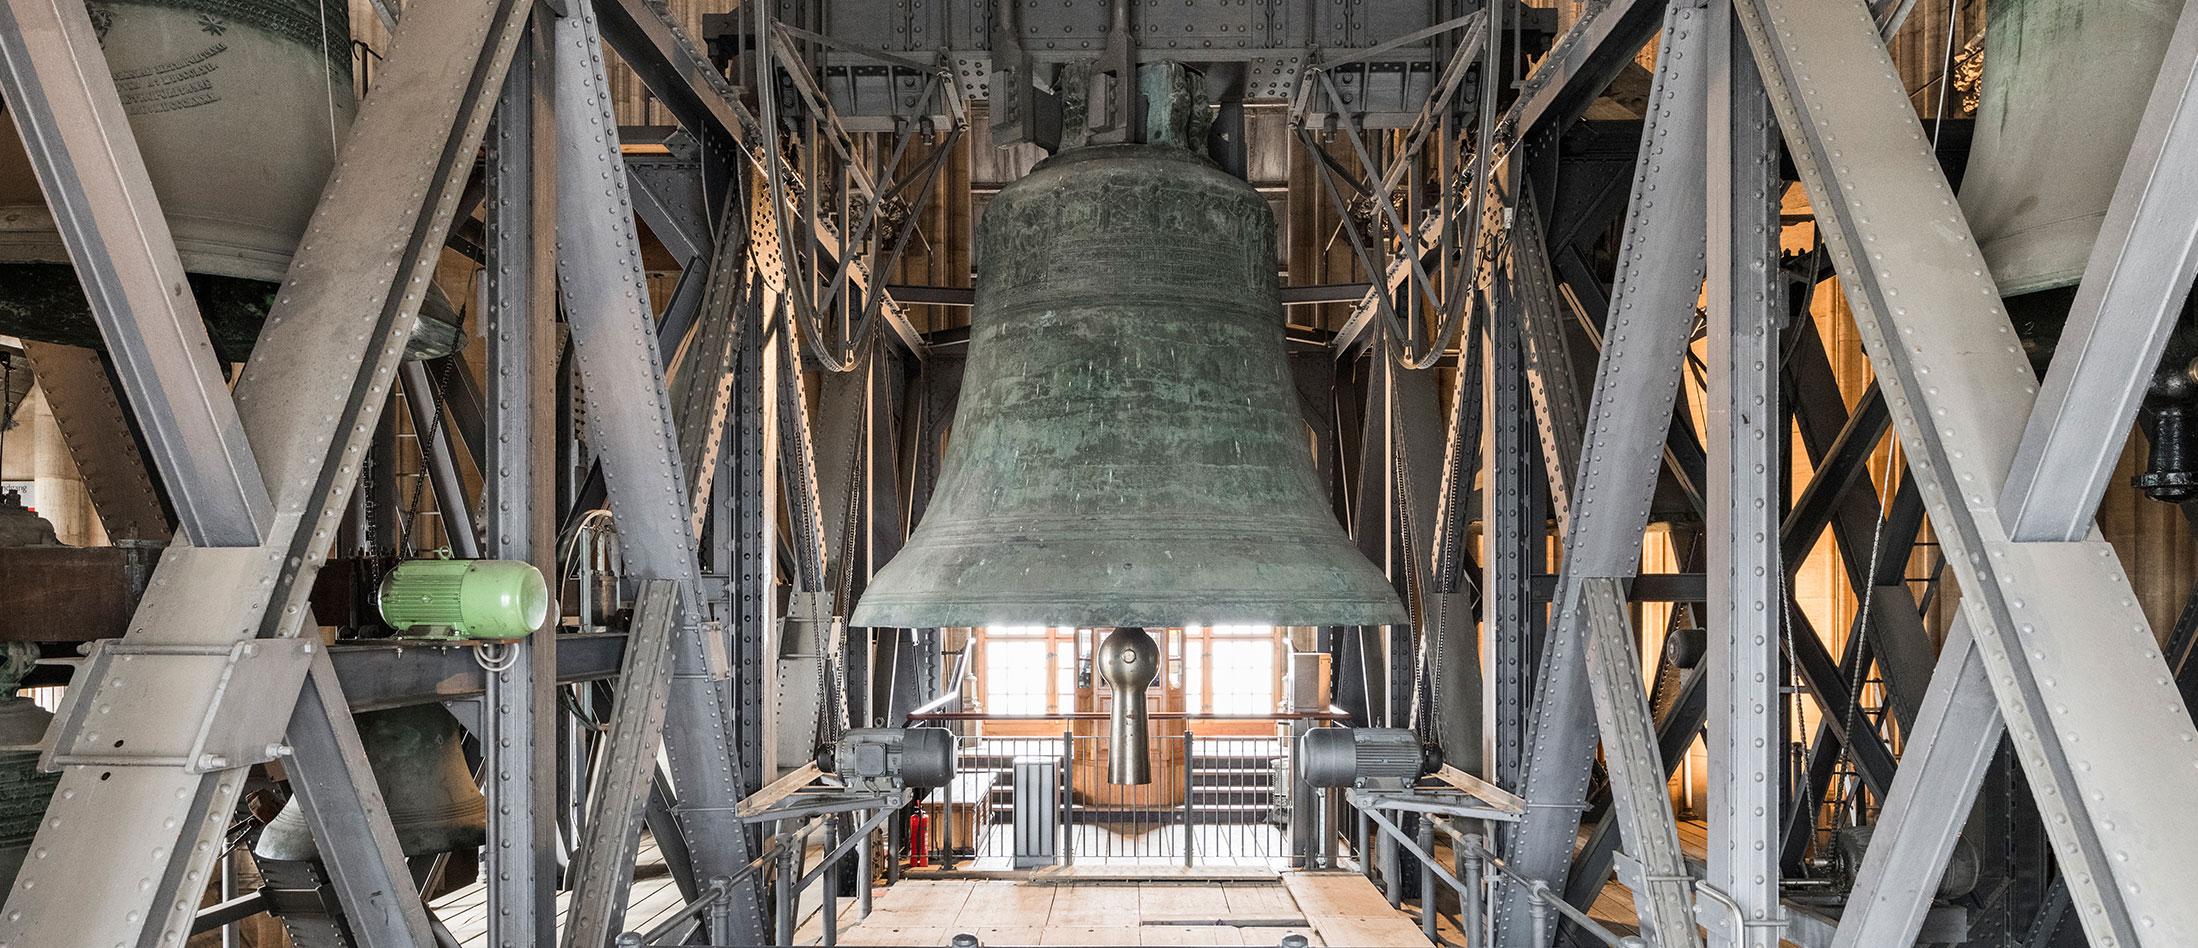 Kölner Dom Glocke